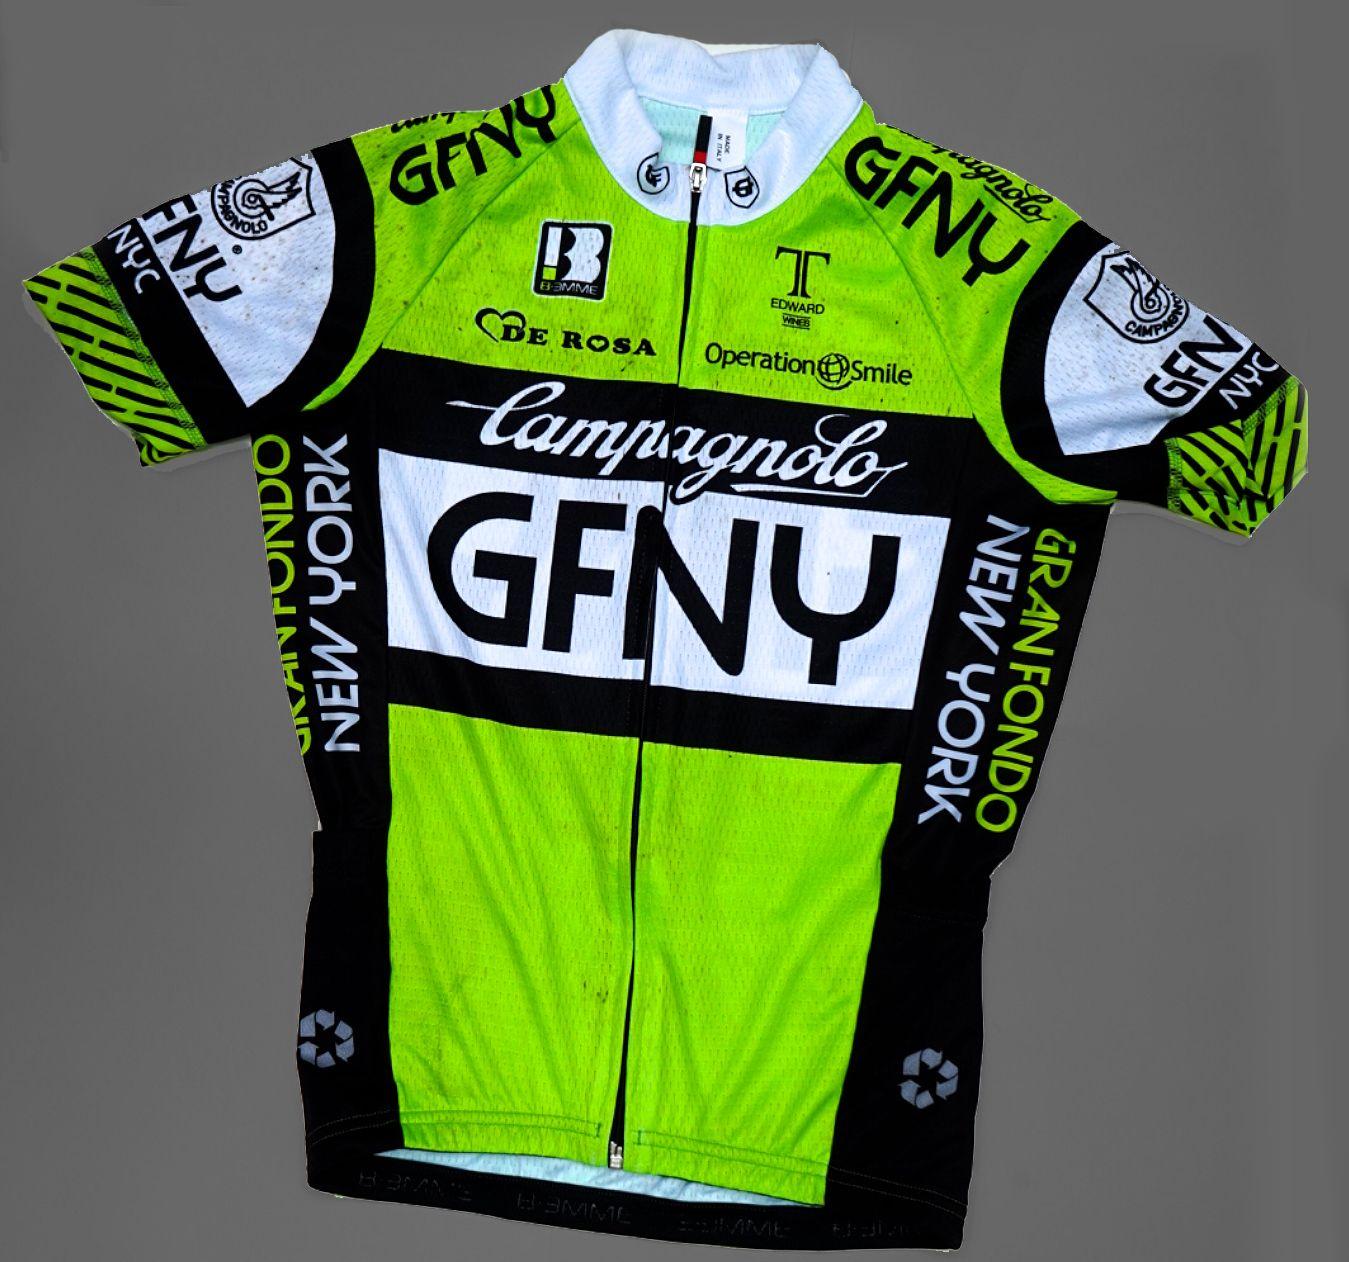 56886ffc9 GFNY jersey by Alex Ostroy poseursport